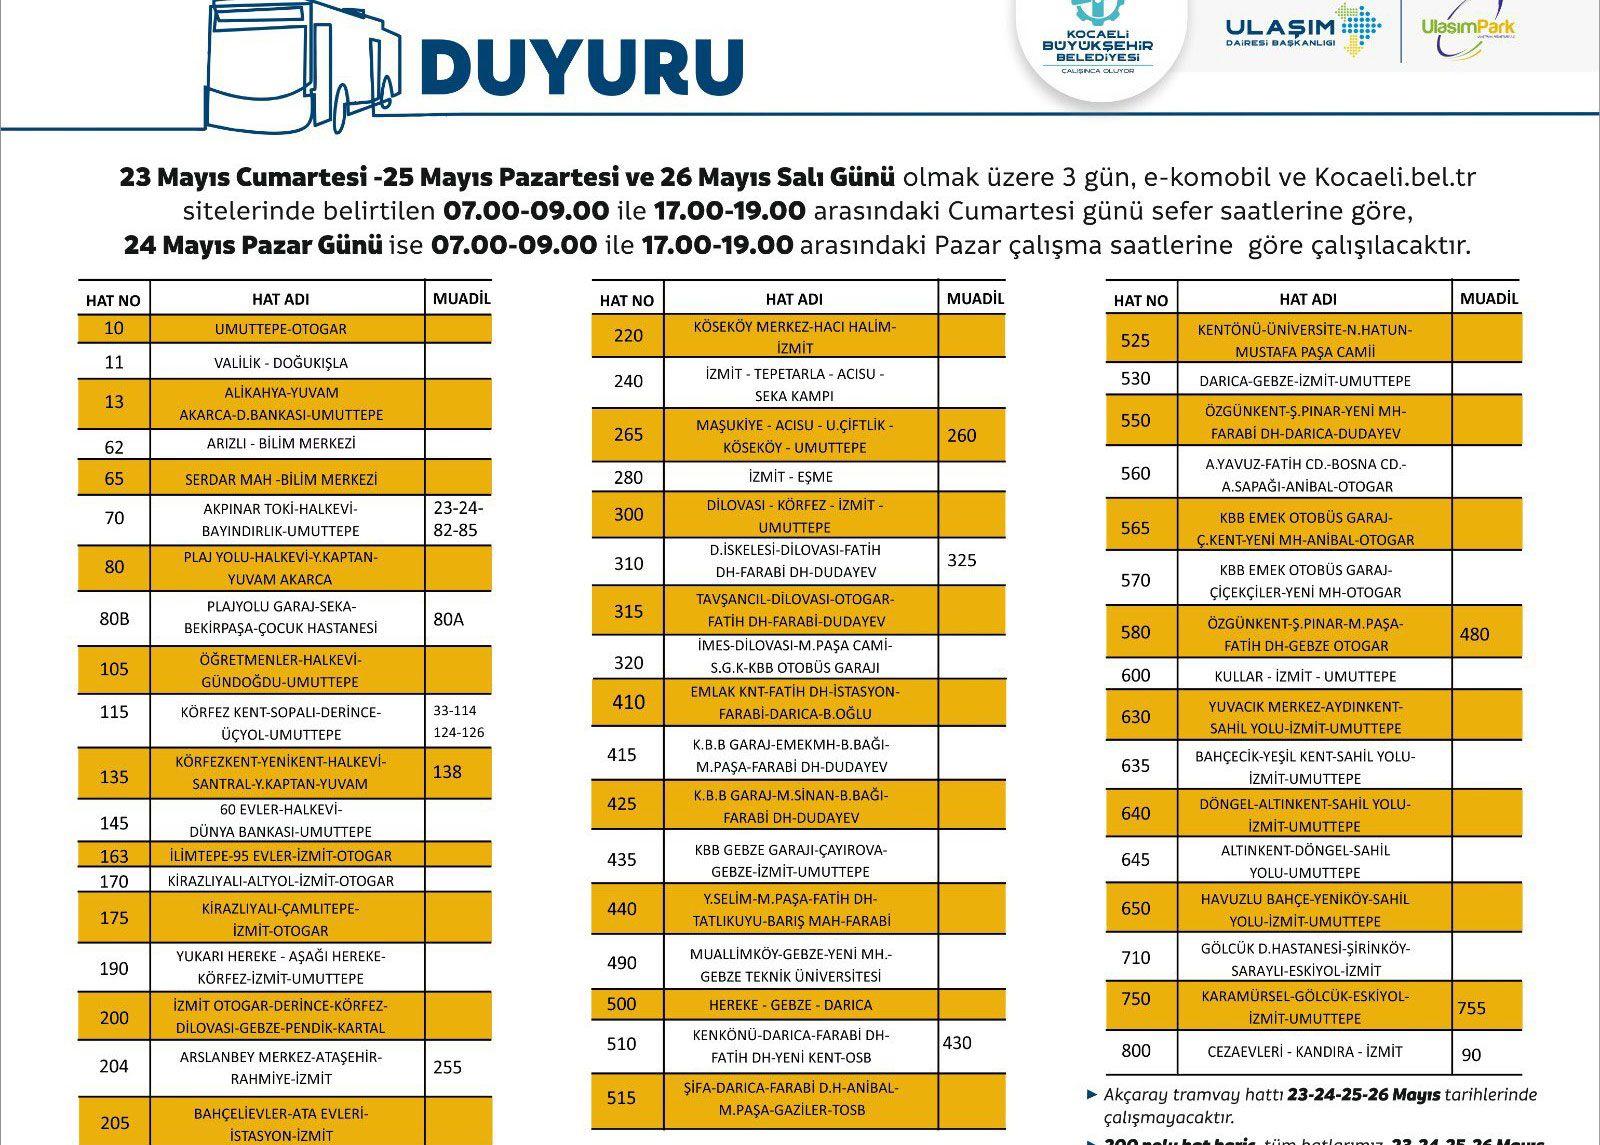 Is het vervoer gratis tijdens de vakantie in Kocaeli?